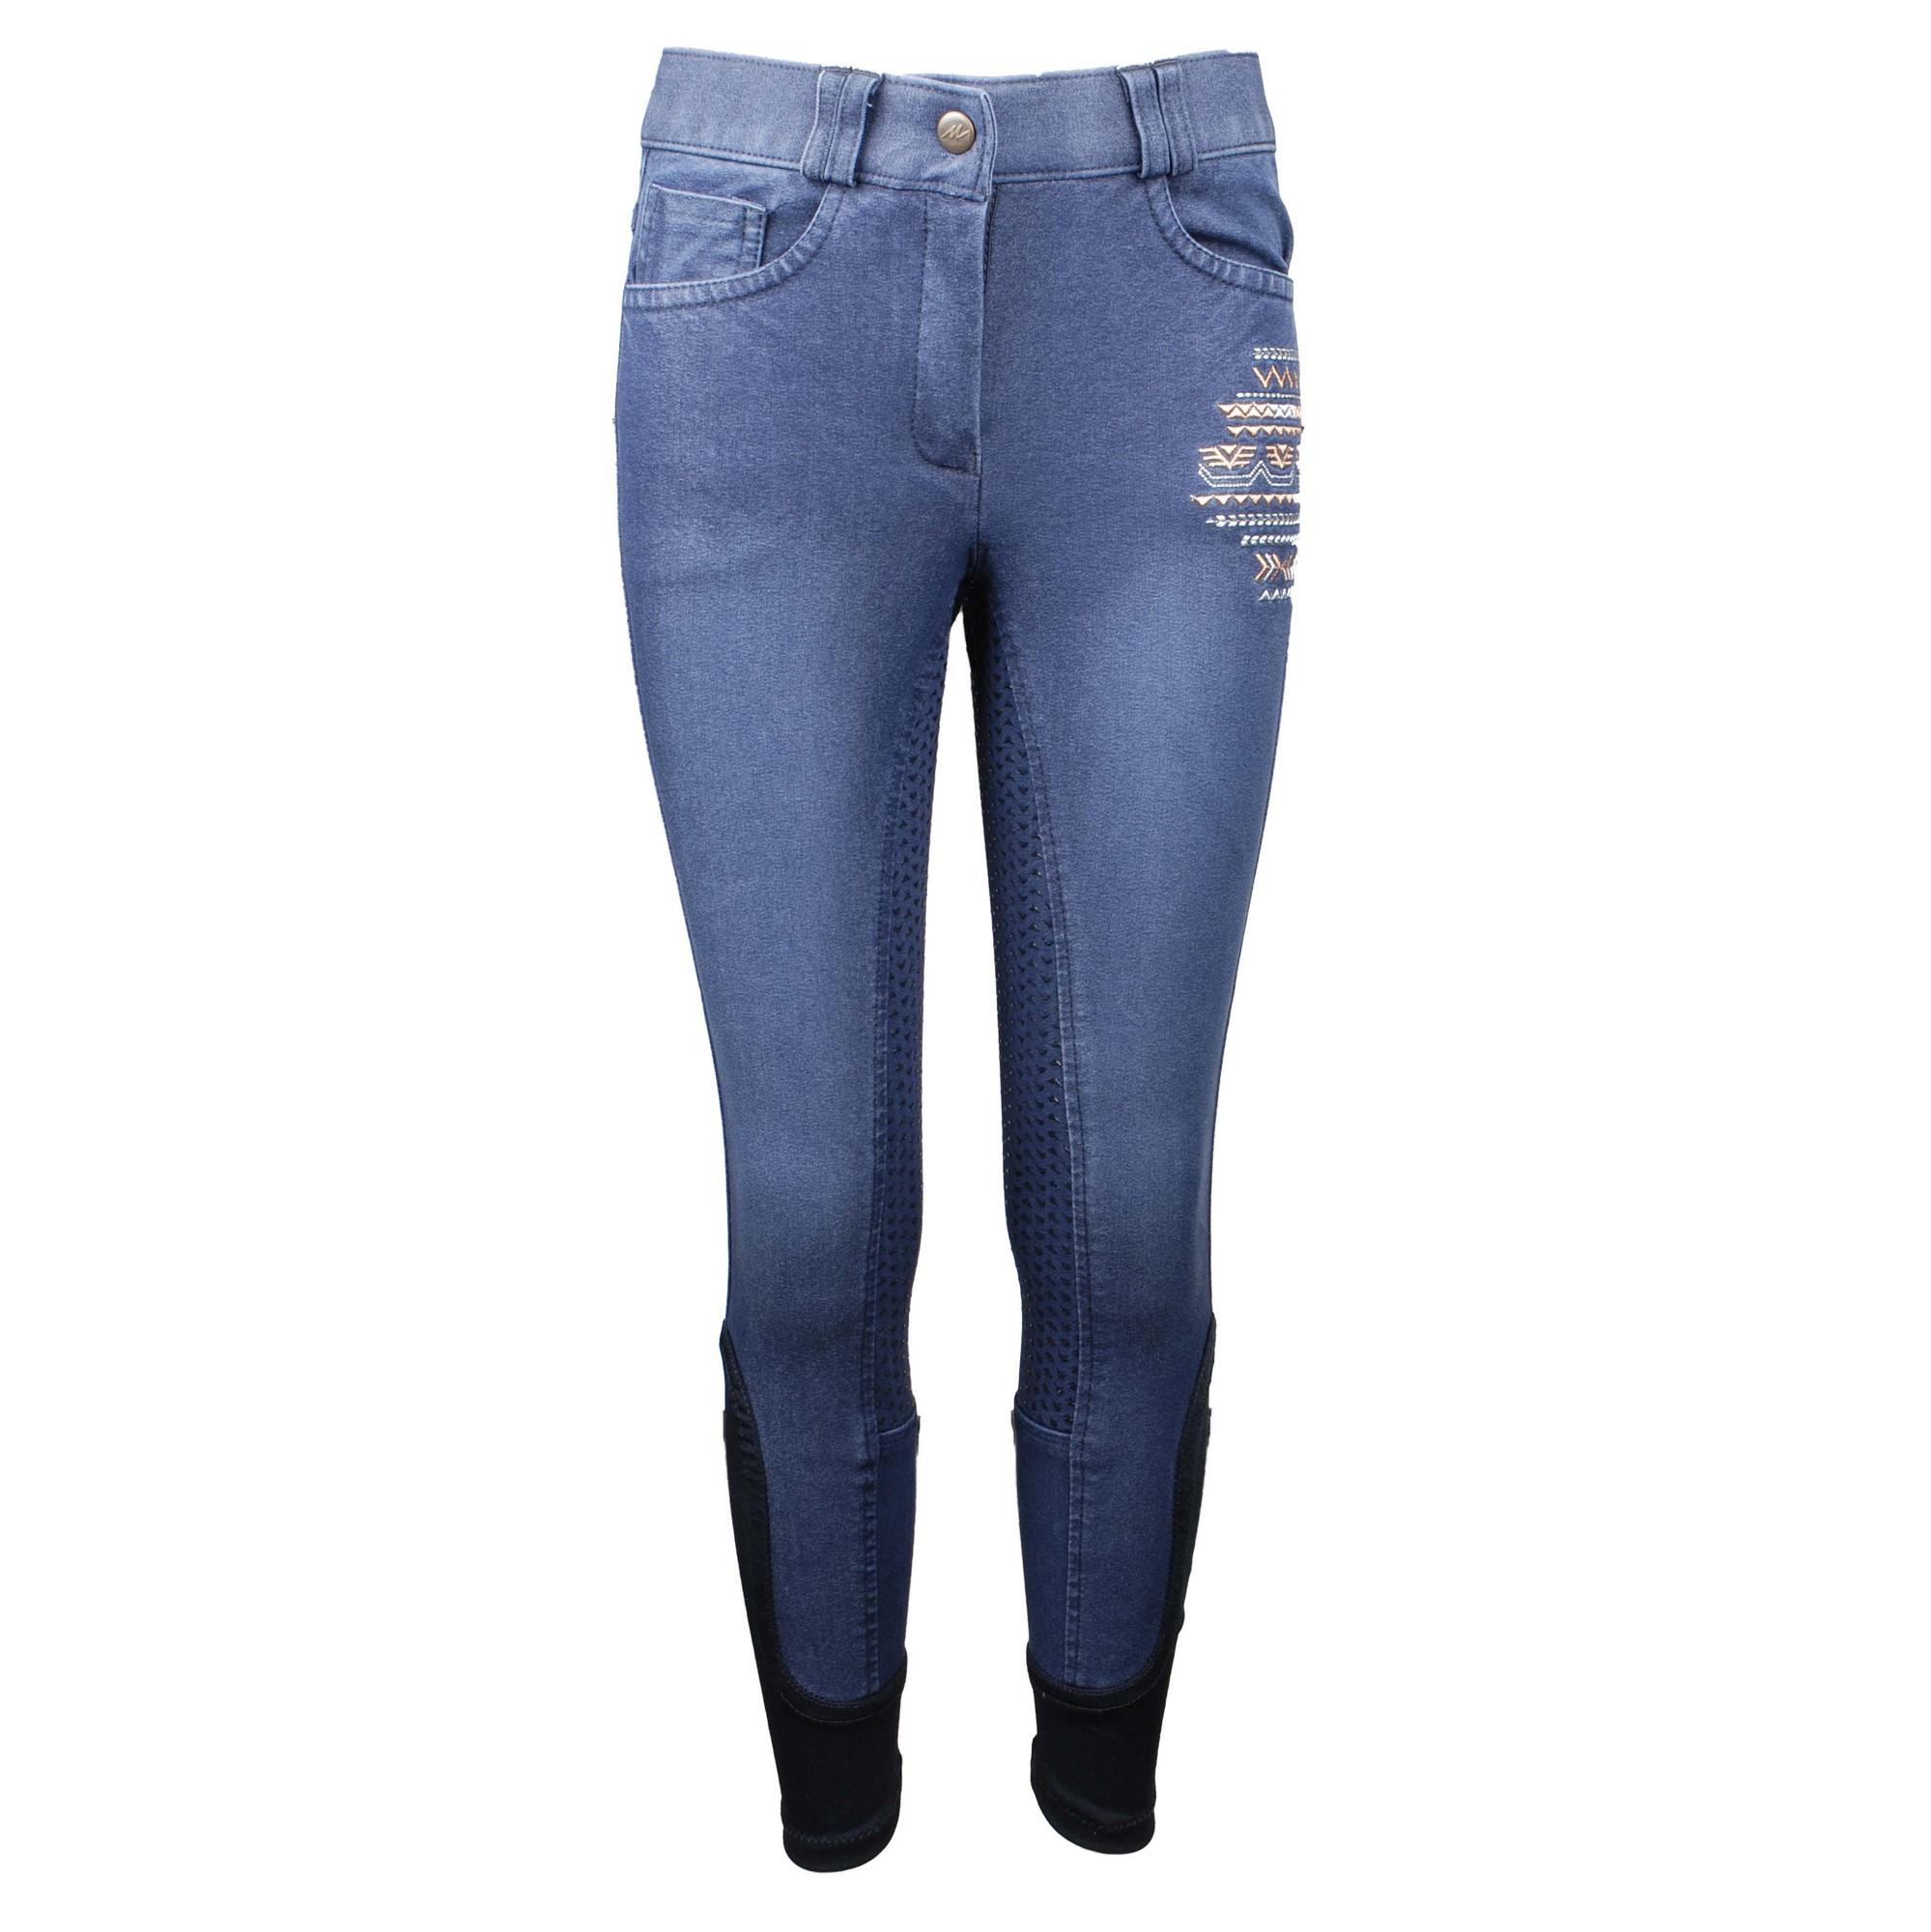 Mondoni Eivissa kinder rijbroek jeans maat:152